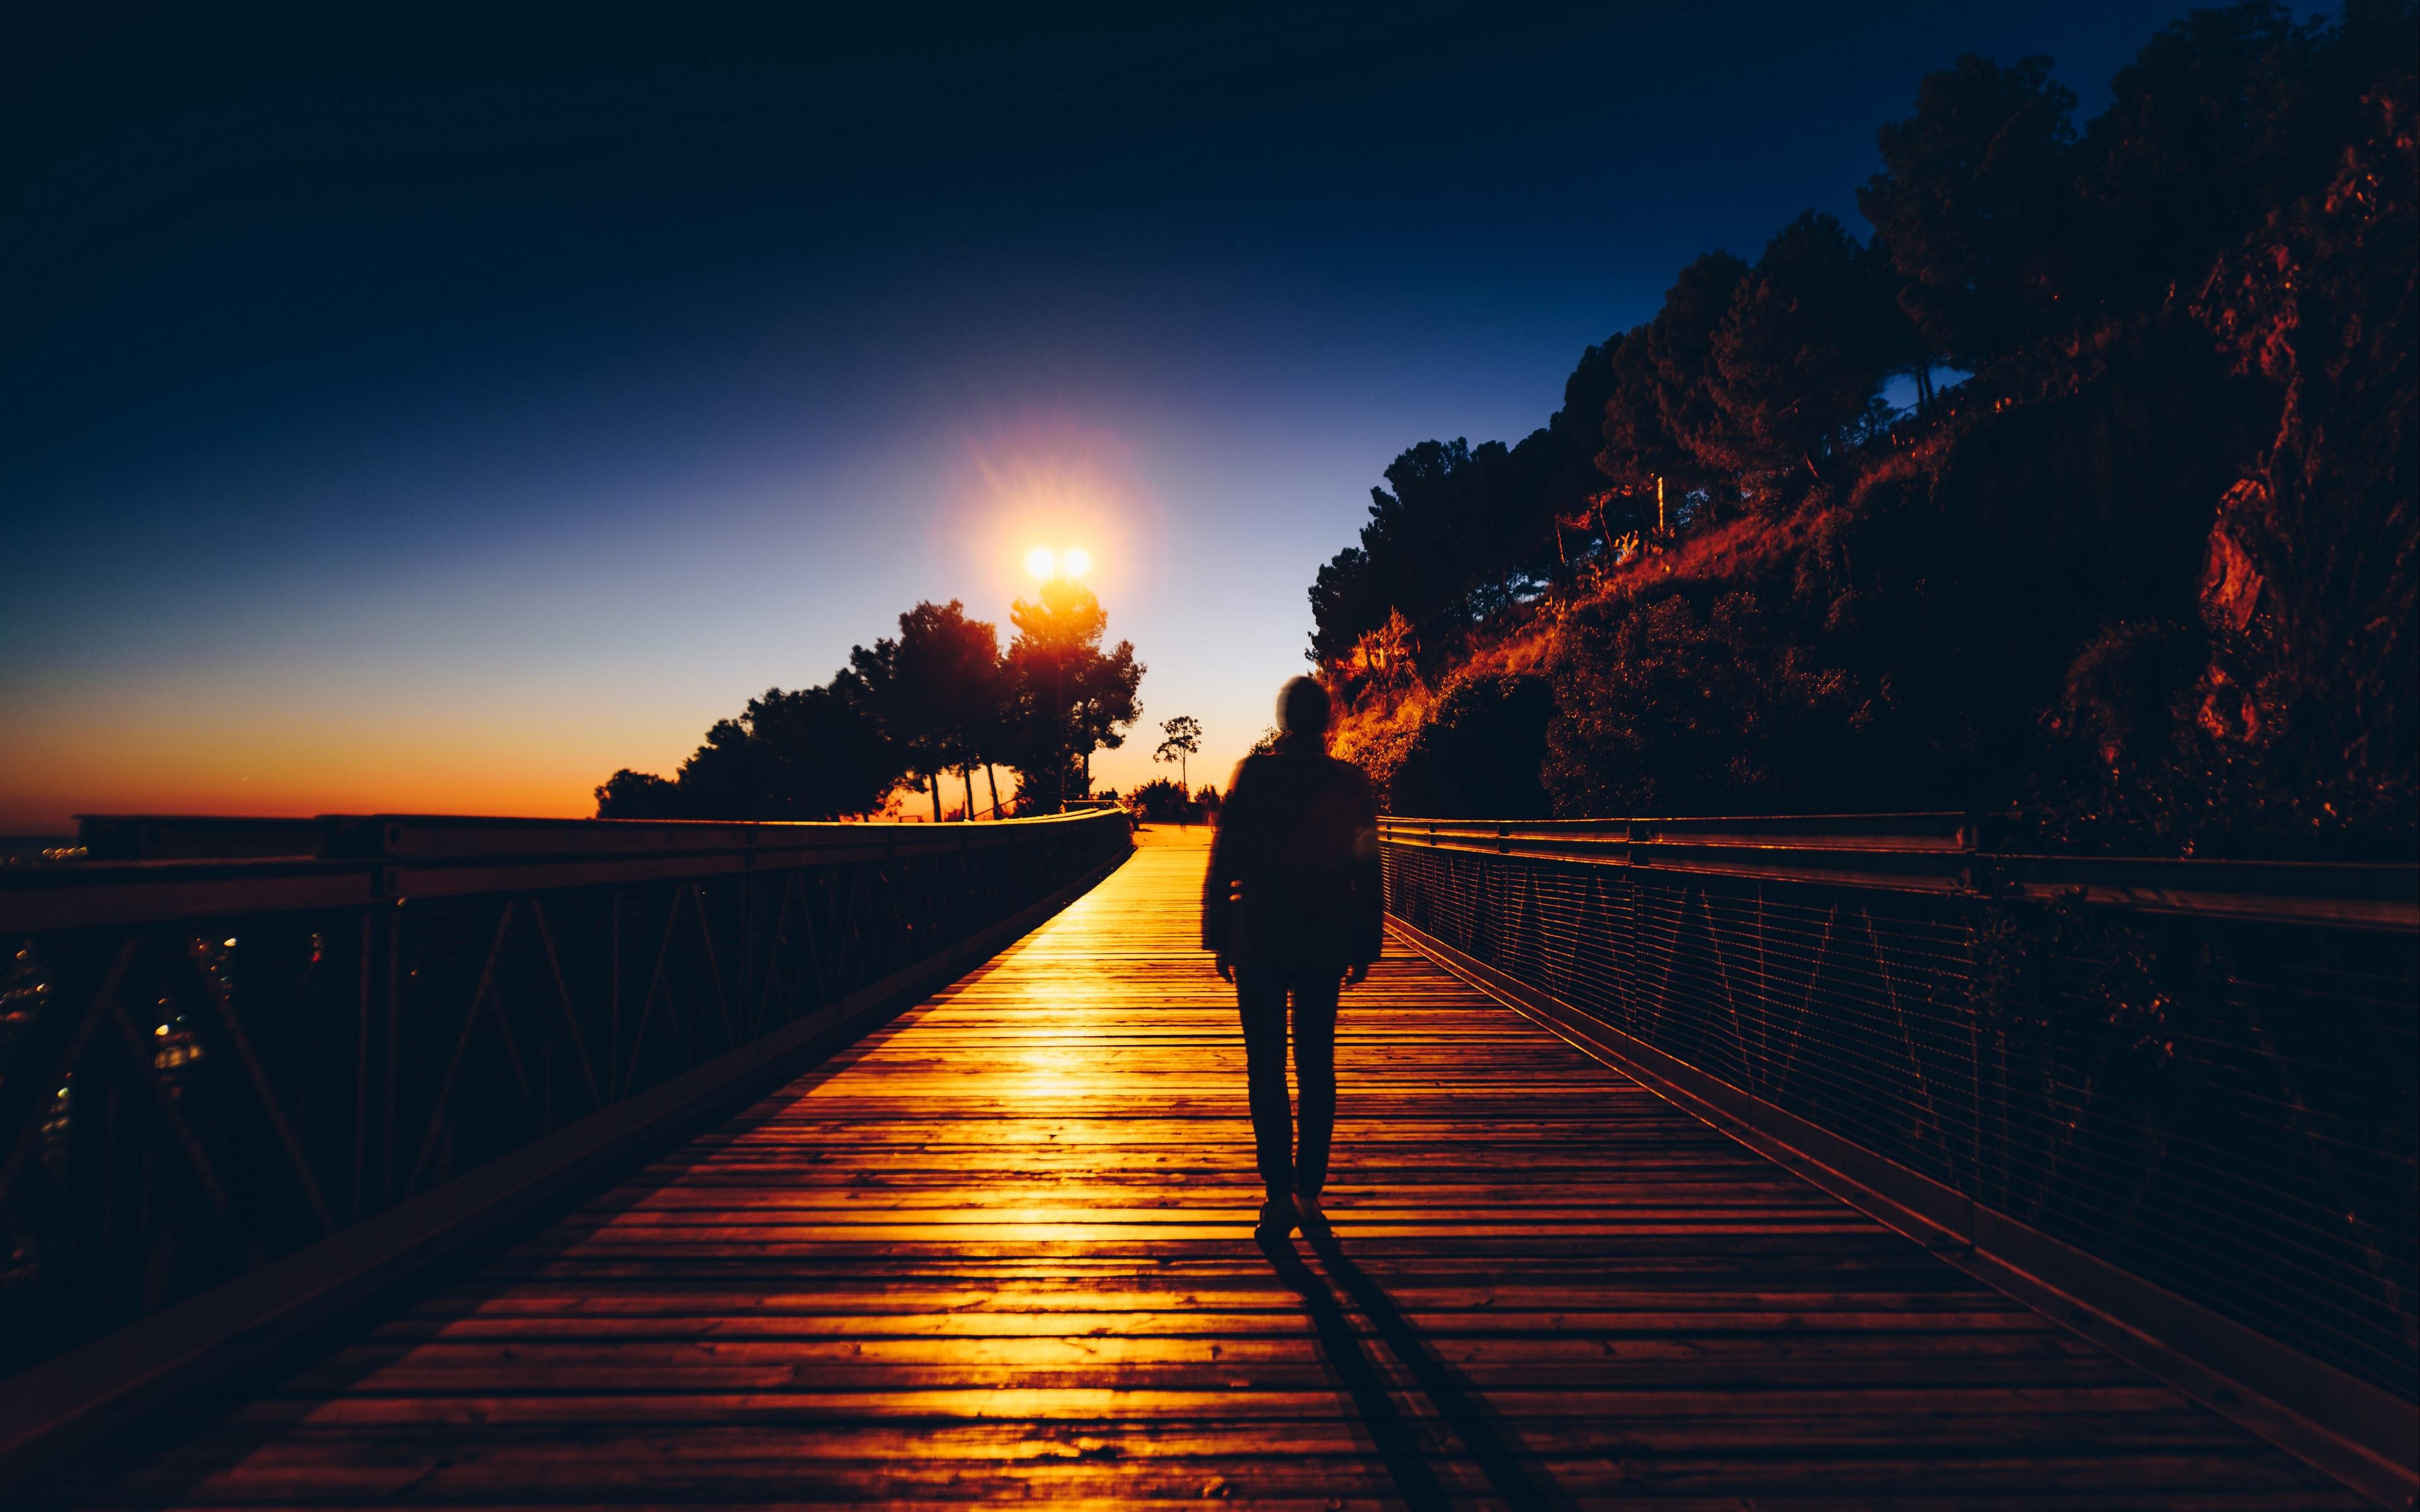 Hình nền buồn những tối đi về đơn độc